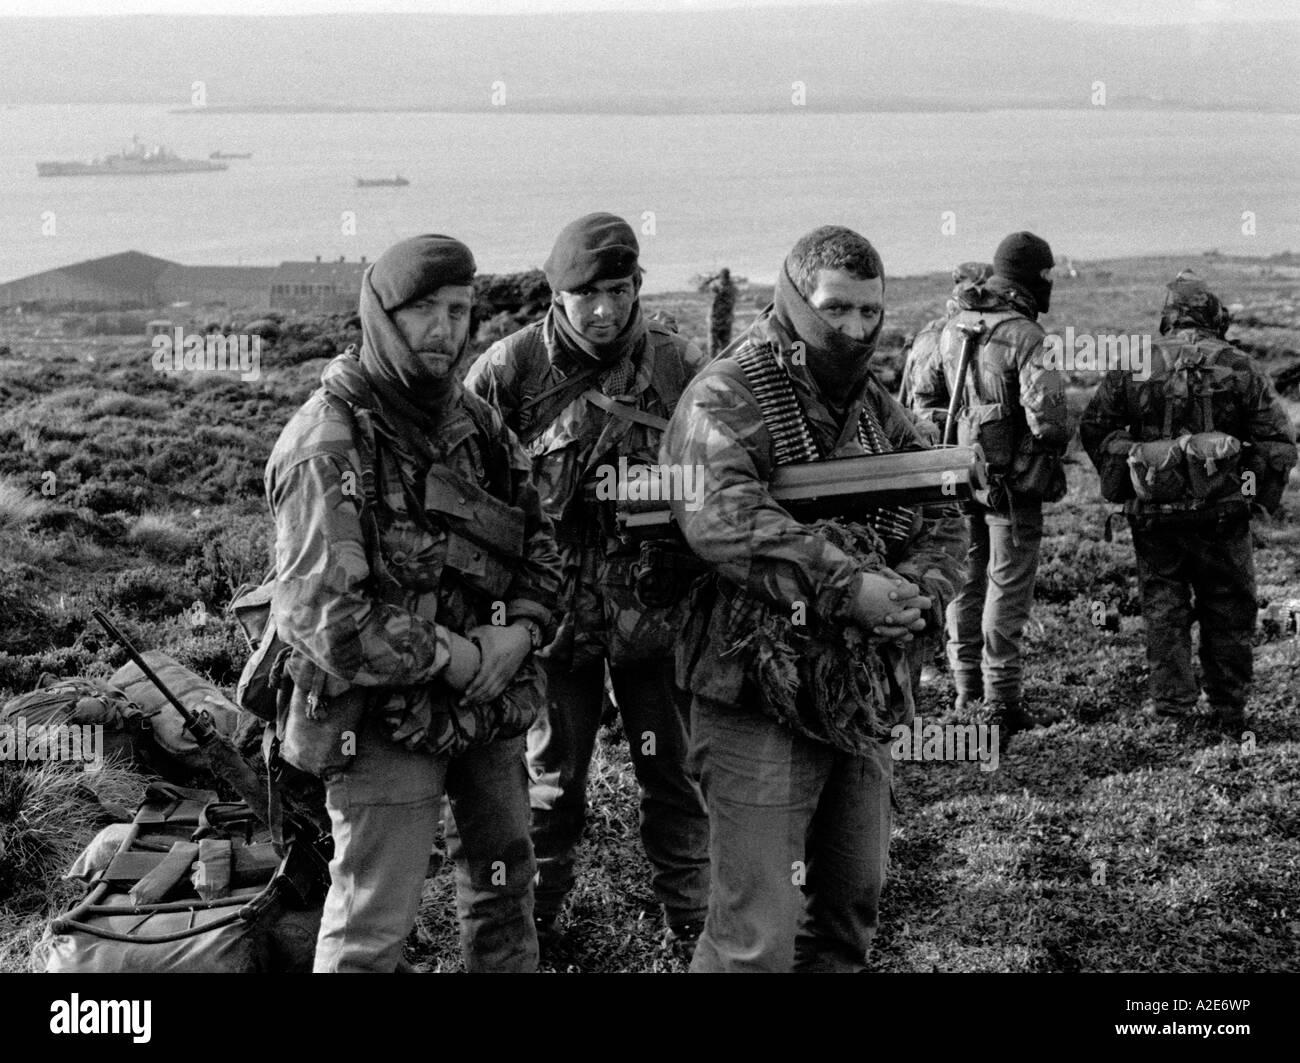 Los Royal Marines esperar para ir a patrullar desde Ajax Bay durante el conflicto de las Malvinas en 1982 Imagen De Stock